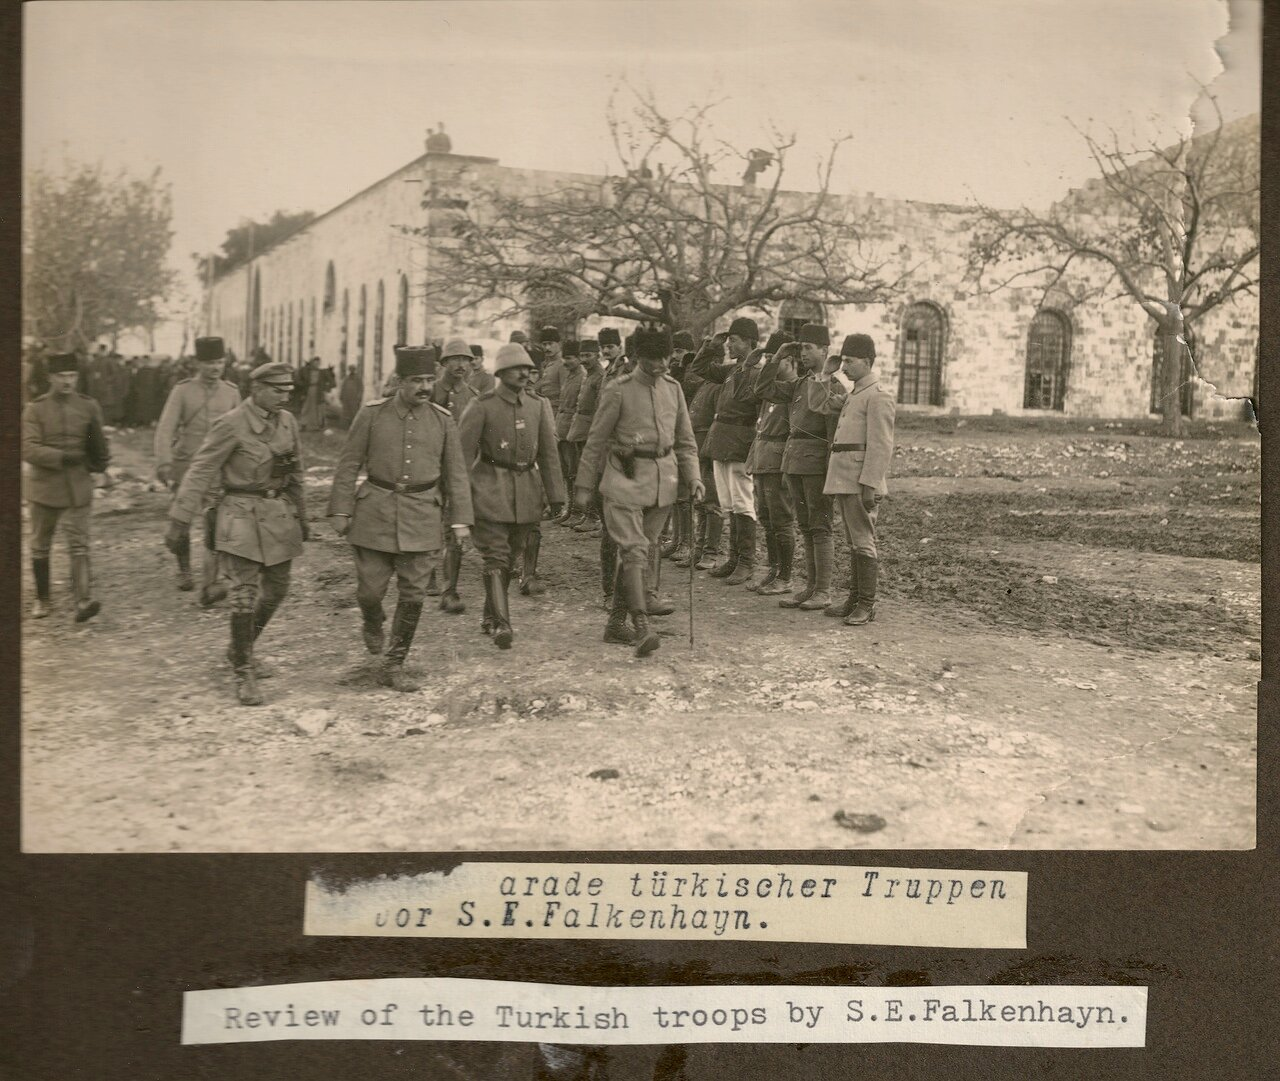 Осмотр турецких отрядов Эрихом Георгом Александром Себастьяном фон Фалькенхайном